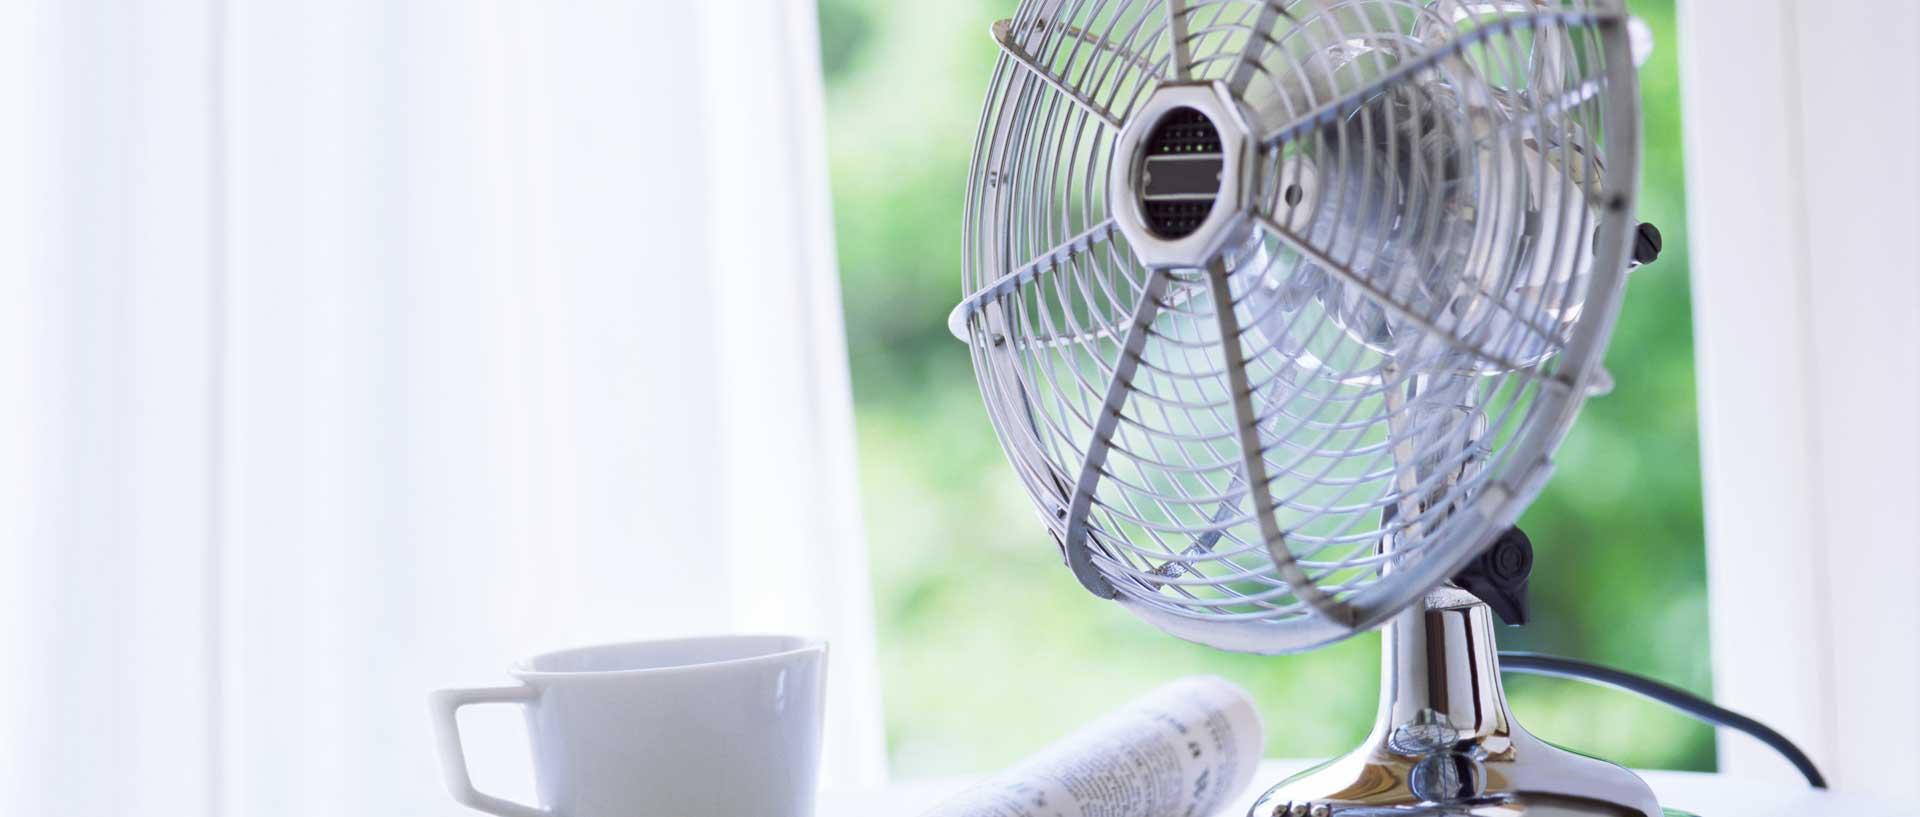 Lasko Desk Fan How To Clean - Hostgarcia